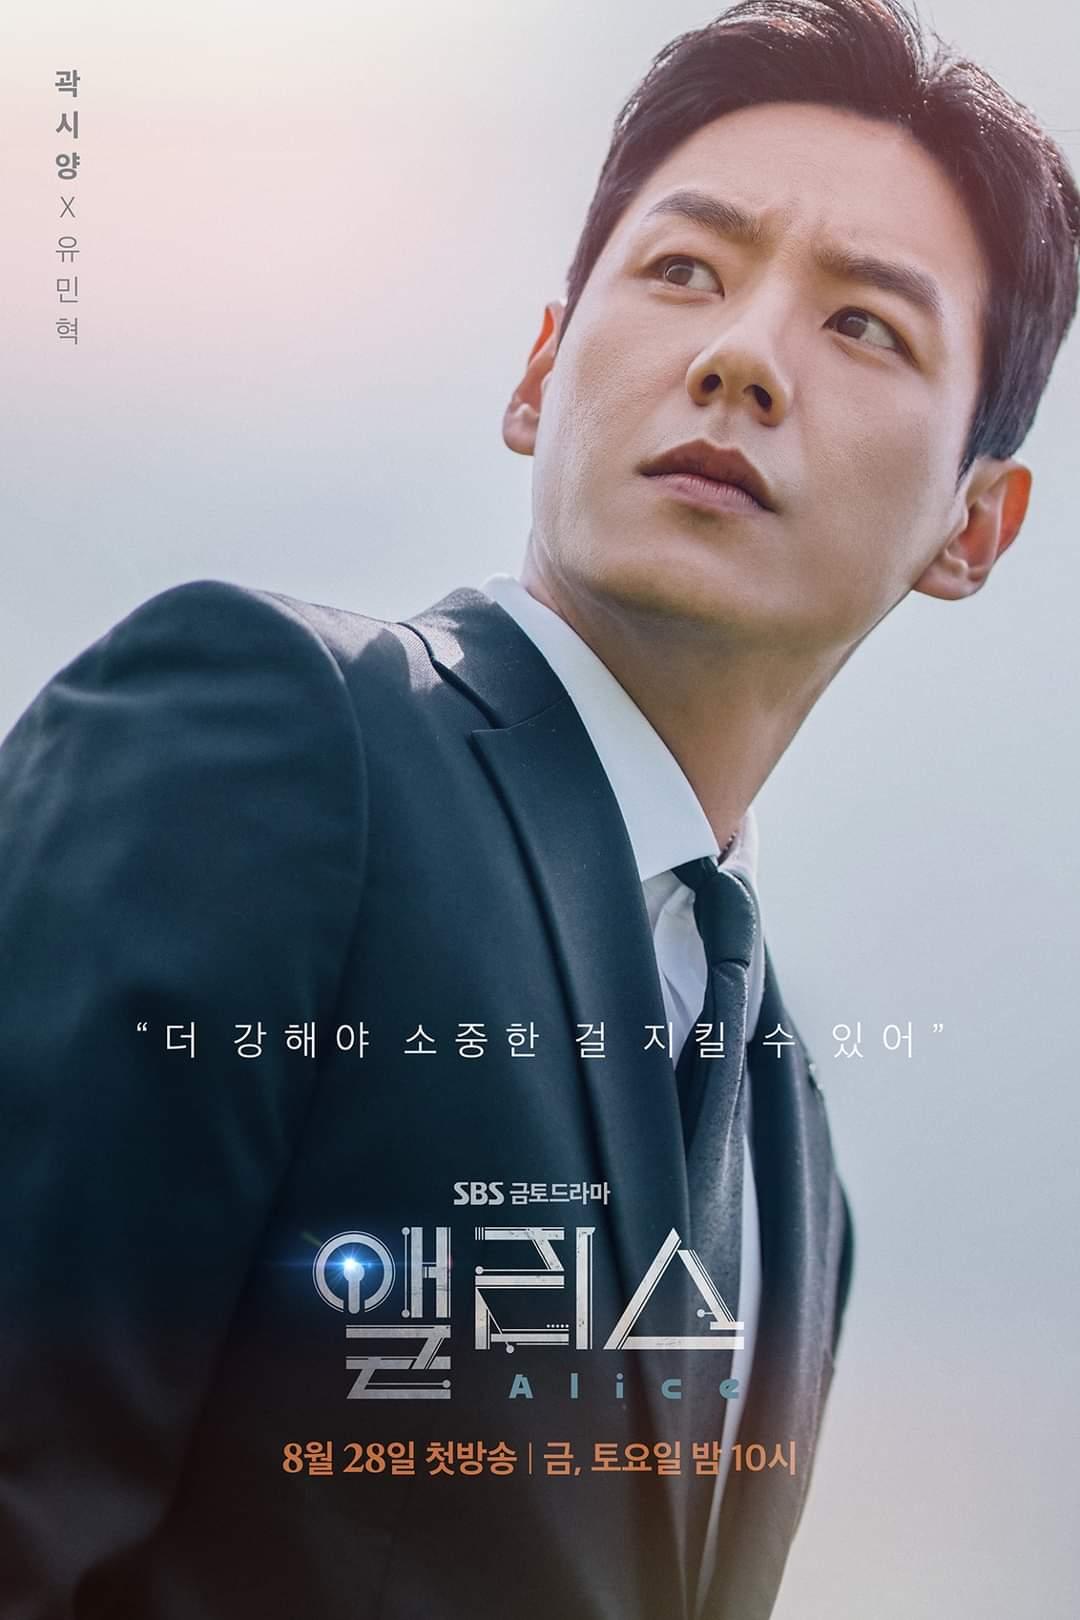 ควักชียัง รับบท ยุนมินฮยอก